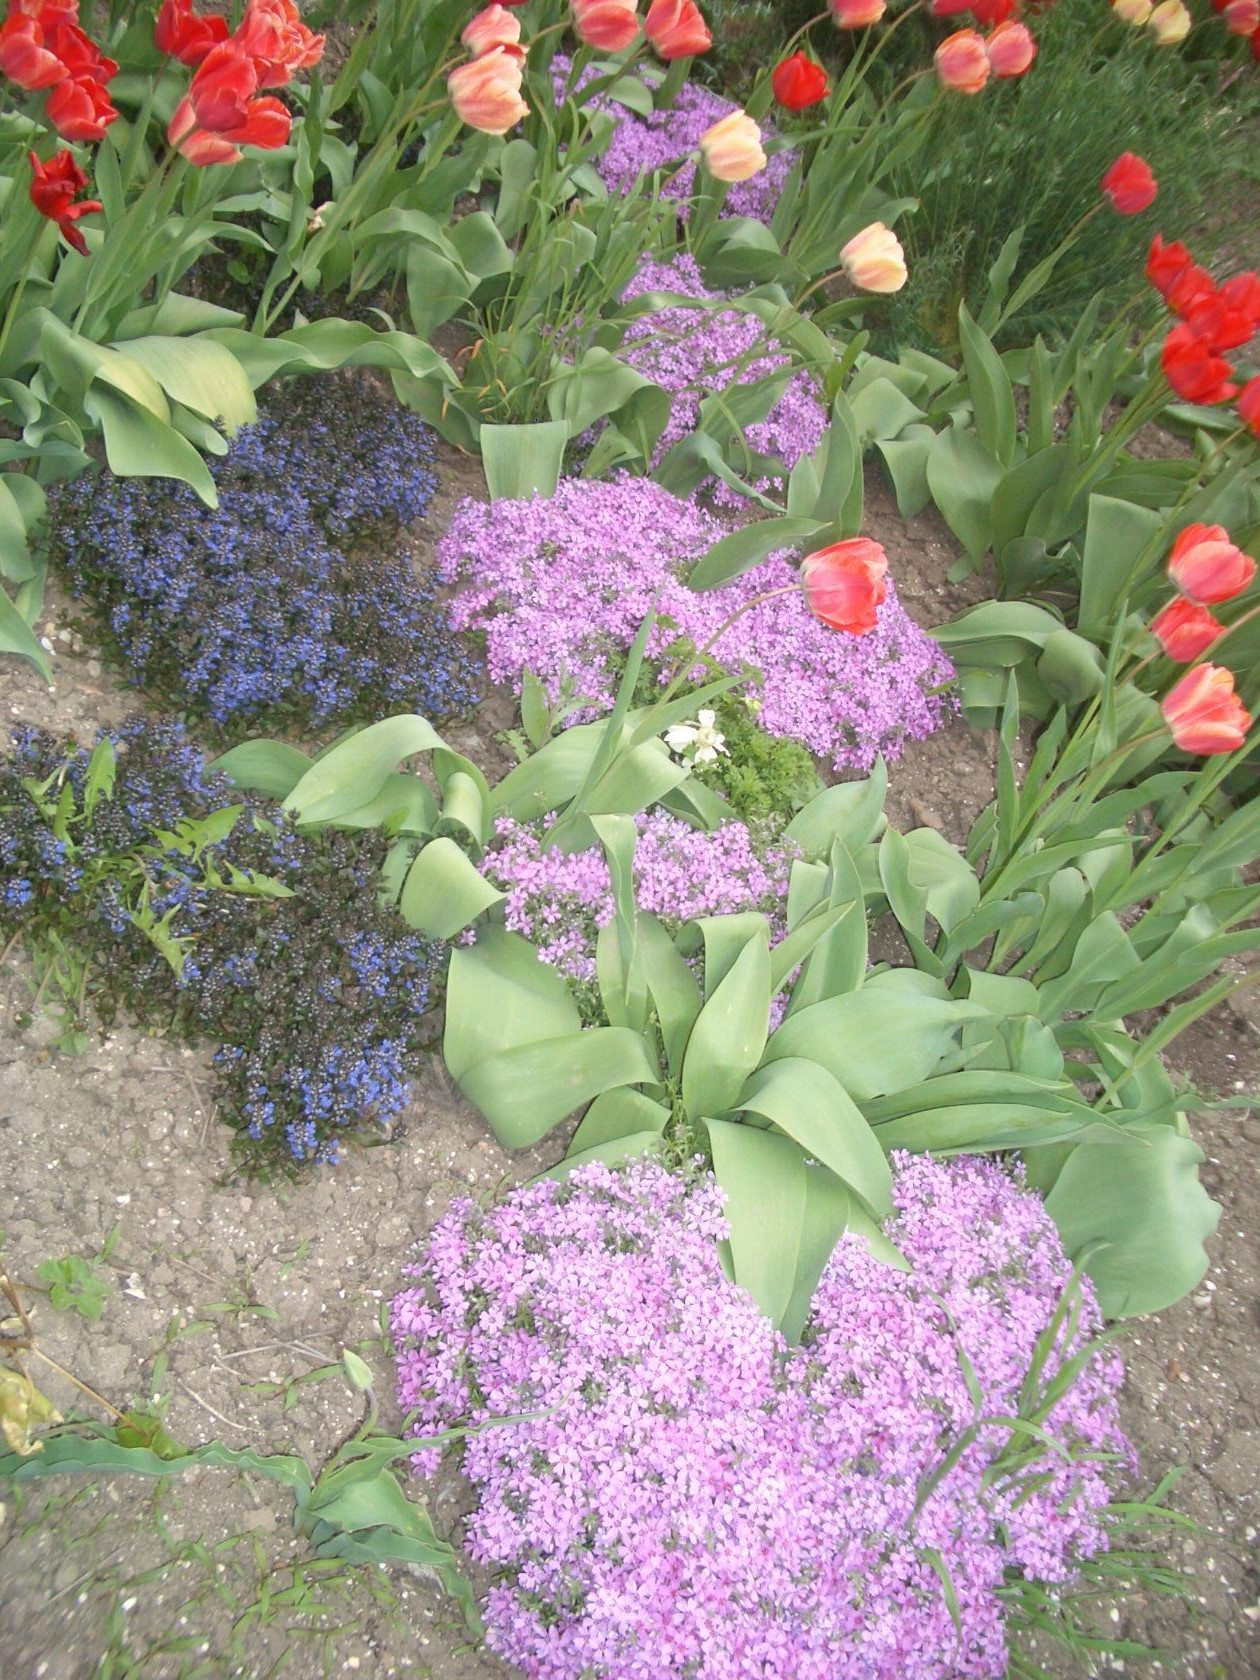 Камнеломки с тюльпанами. Я уже выводила этот снимок, — но есть недовольные ) малым форматом. По их требованию ставлю крупно )